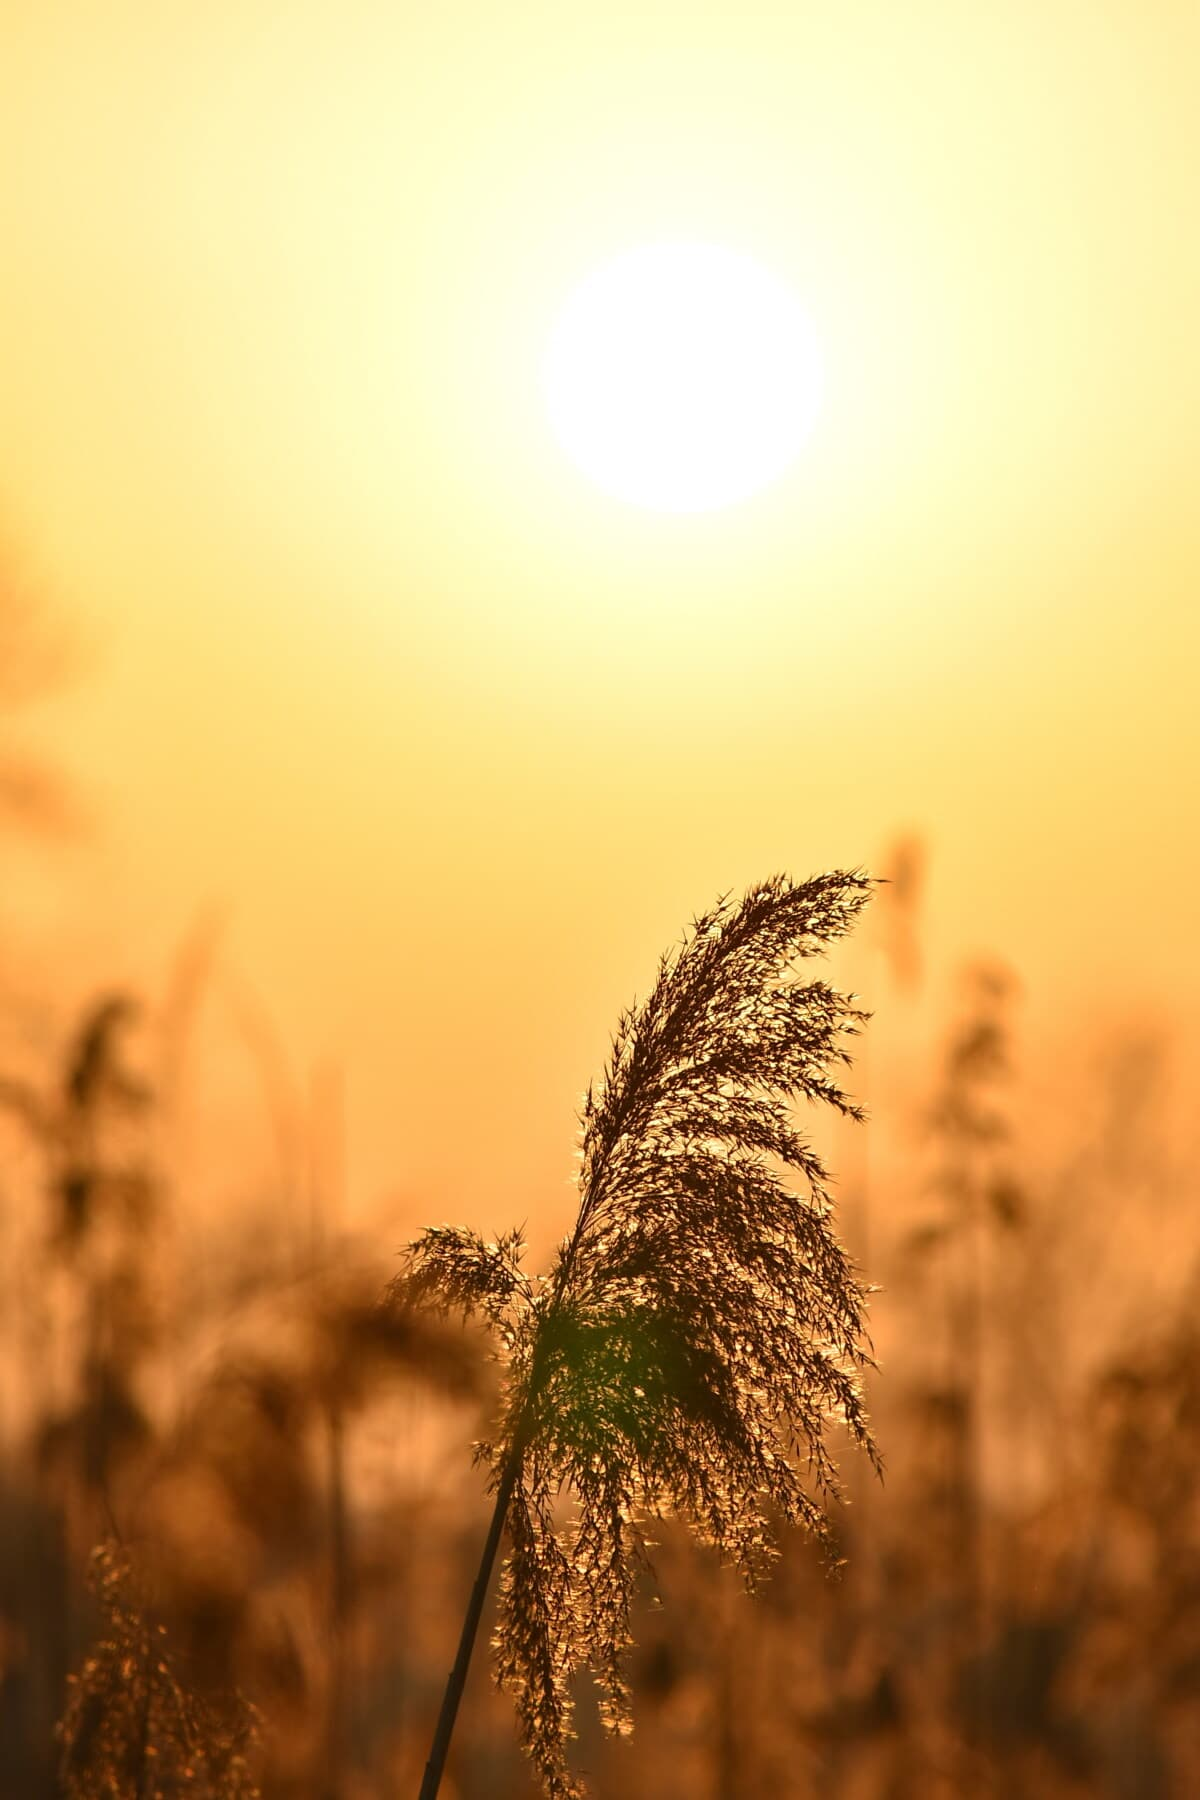 жълтеникаво-кафява, силует, слънчева светлина, пасища, идиличното, величествен, залез, яркост, пейзаж, слънце